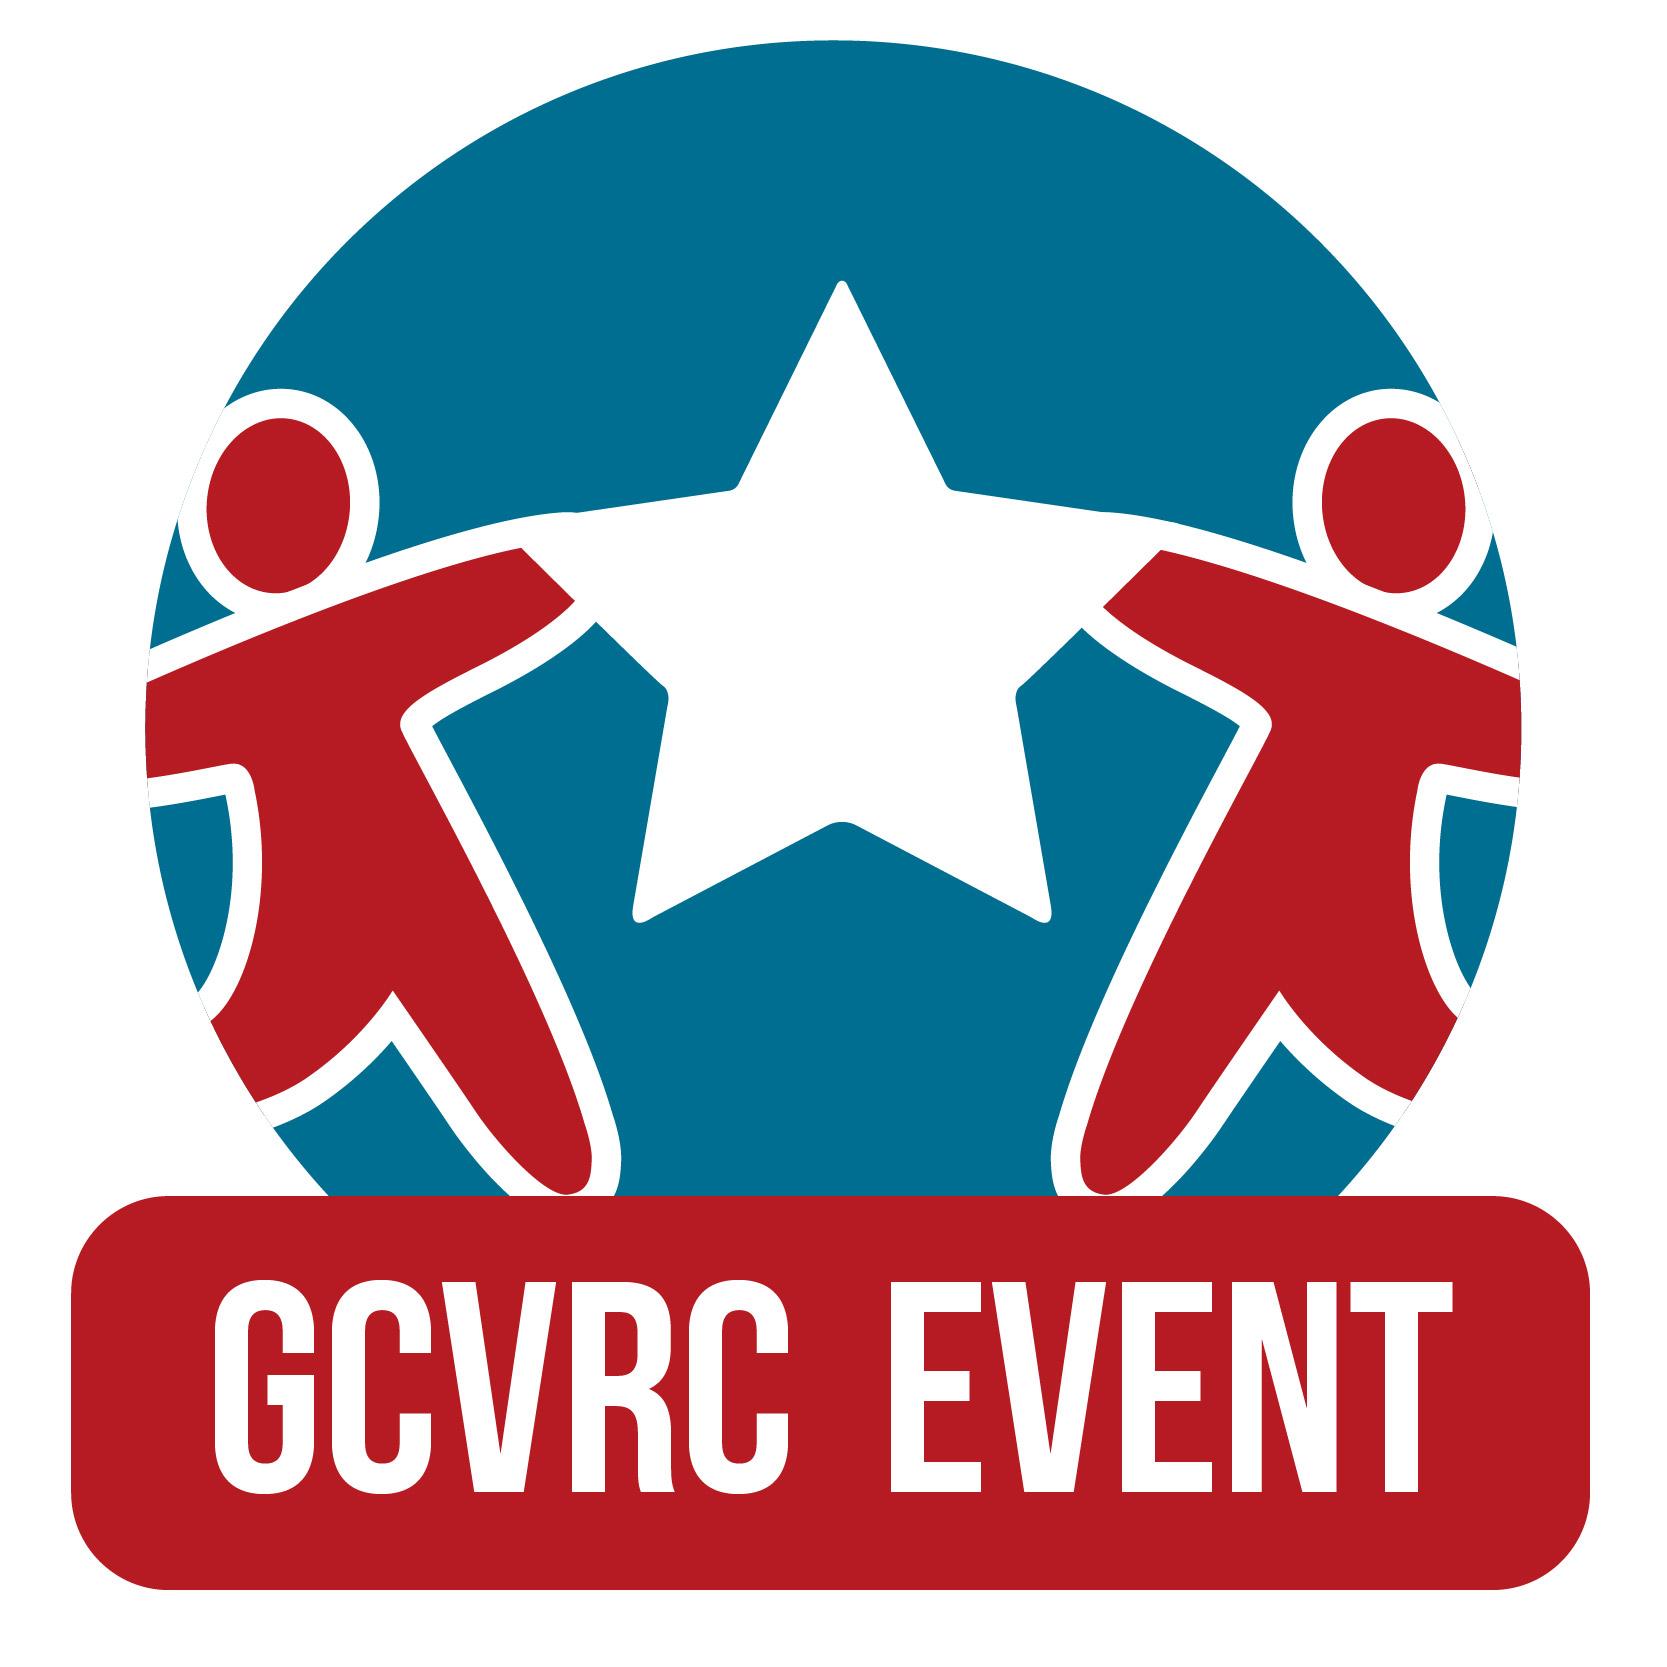 GCVRC Event Feature Image